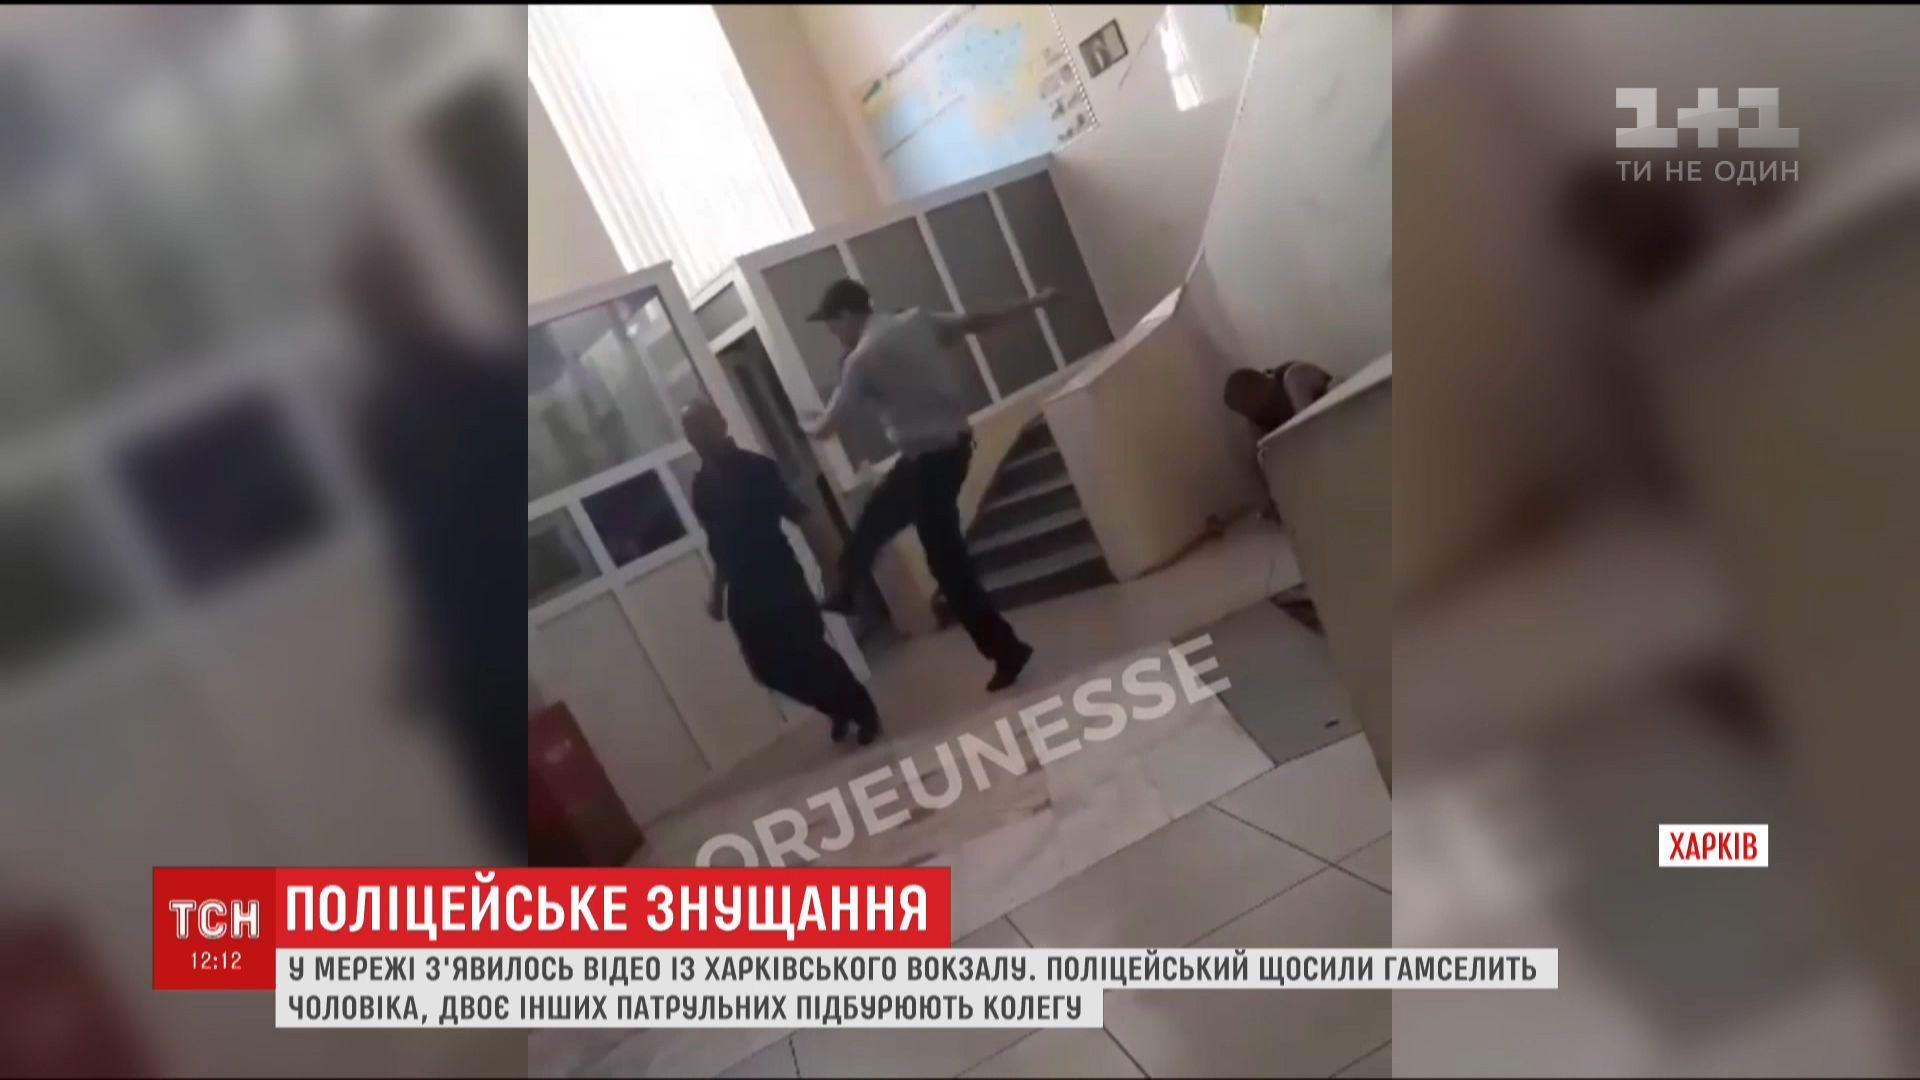 Потерпілий слухняно виконав наказ стояти і терпіти / Кадр з відео ТСН